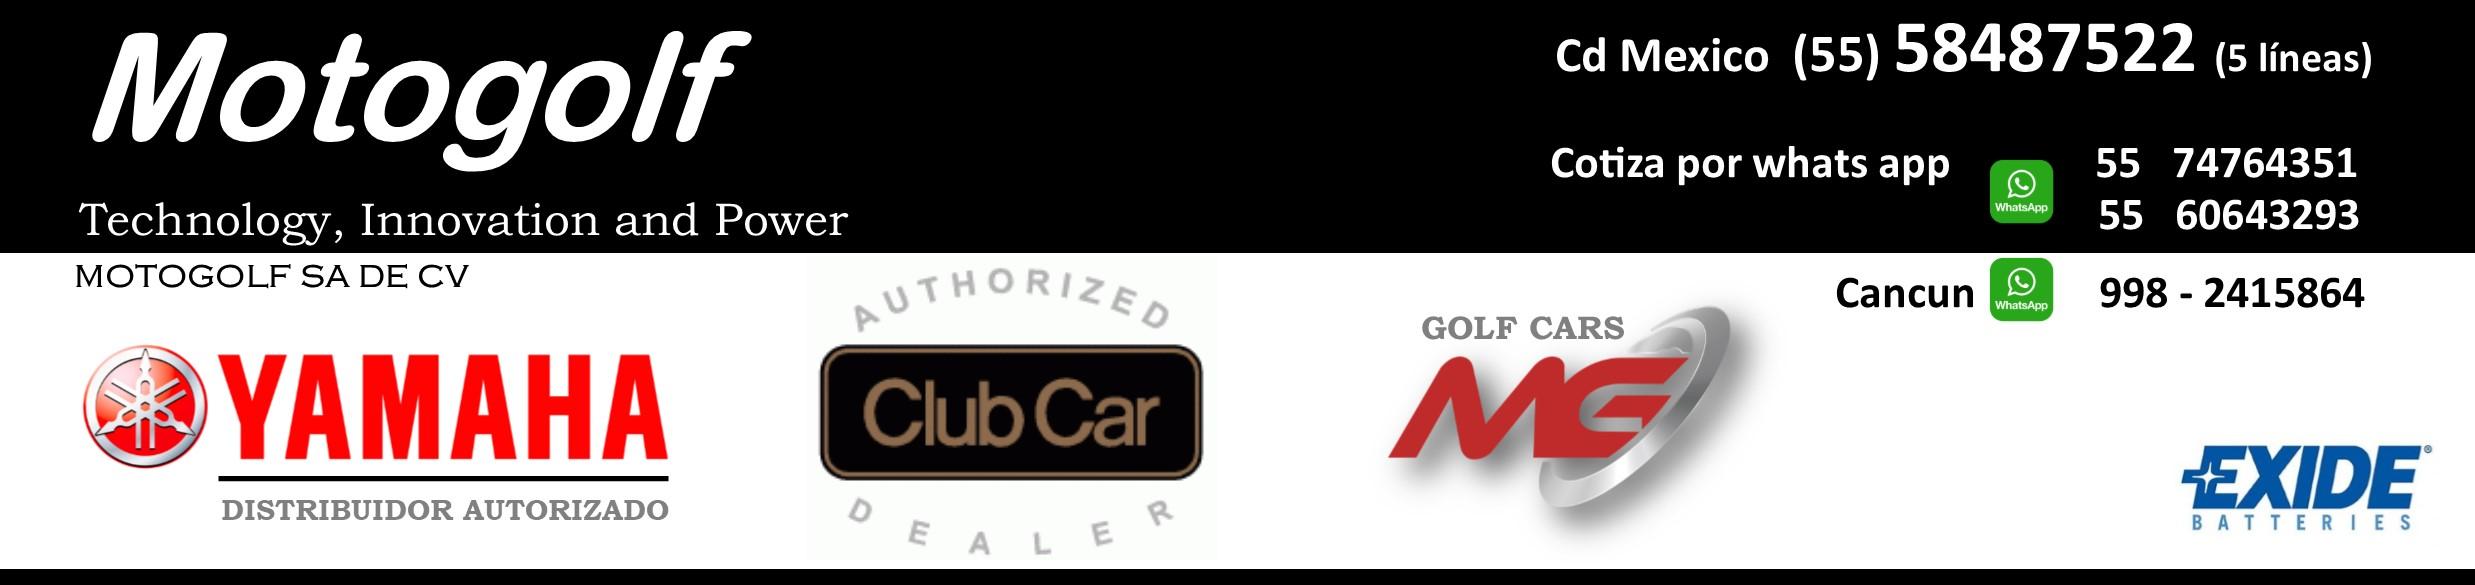 carros-de-golf-motogolf